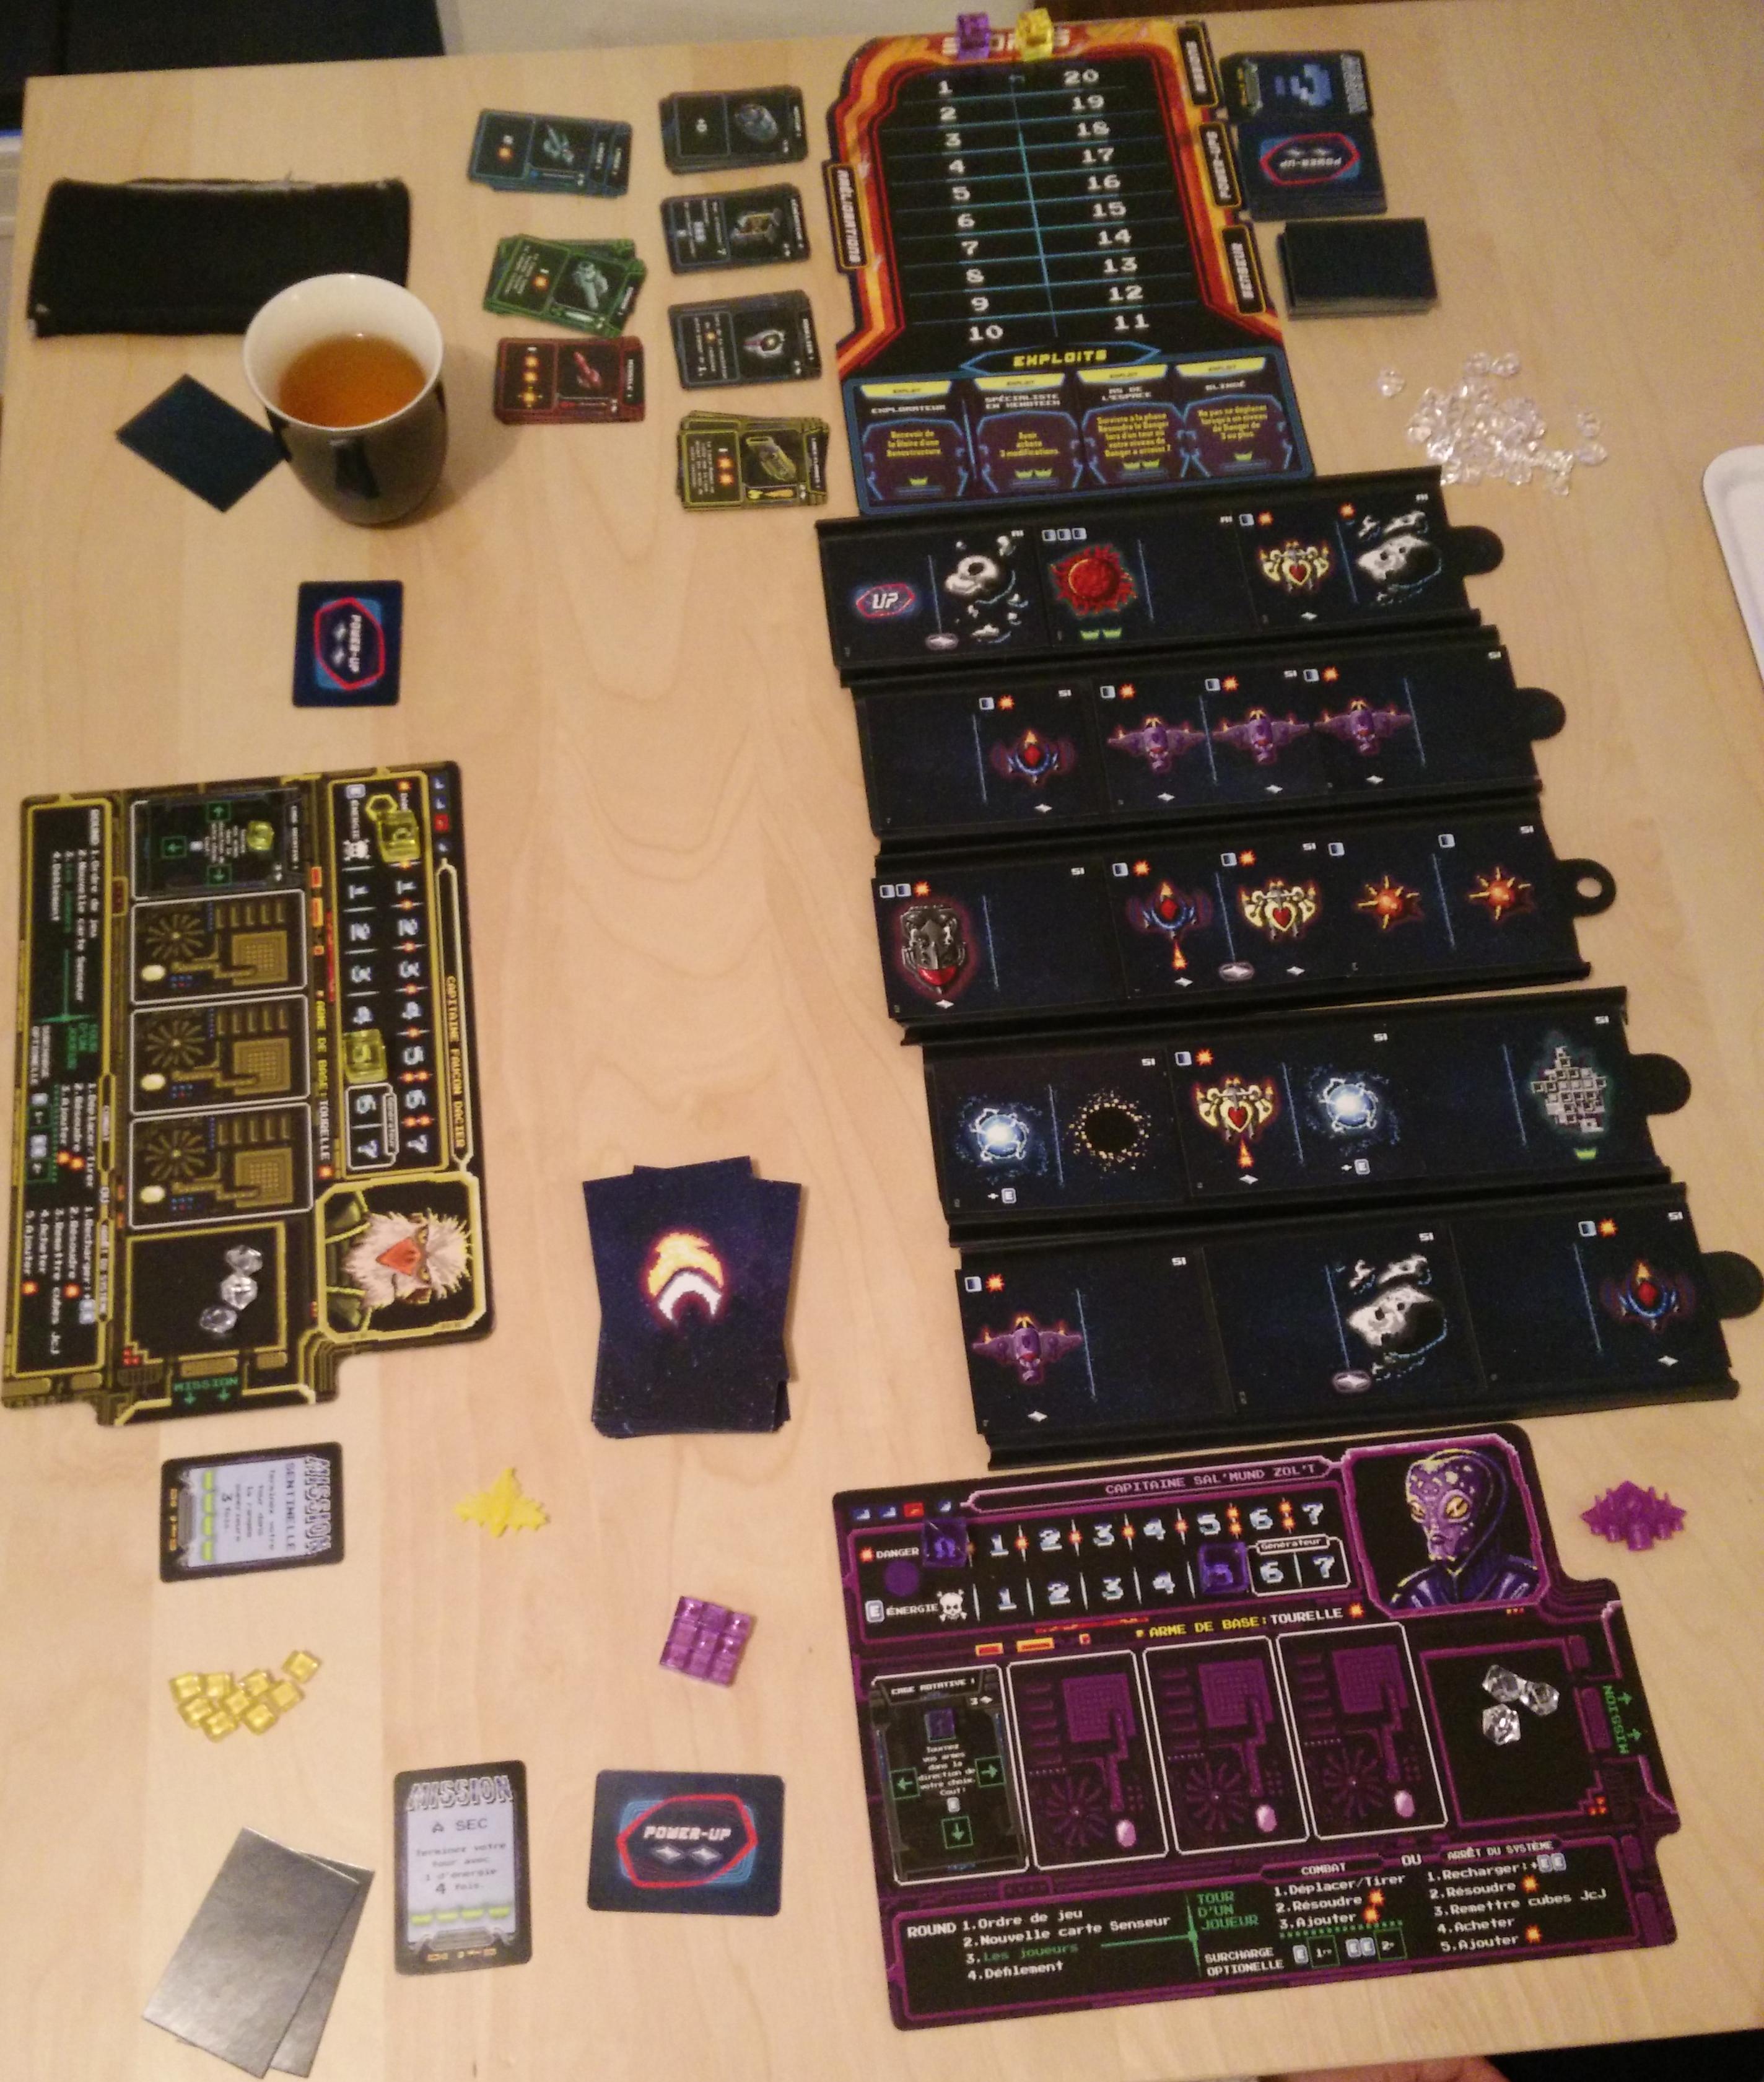 Exemple de mise en place. Ici, la partie se déroulera entre deux joueurs.